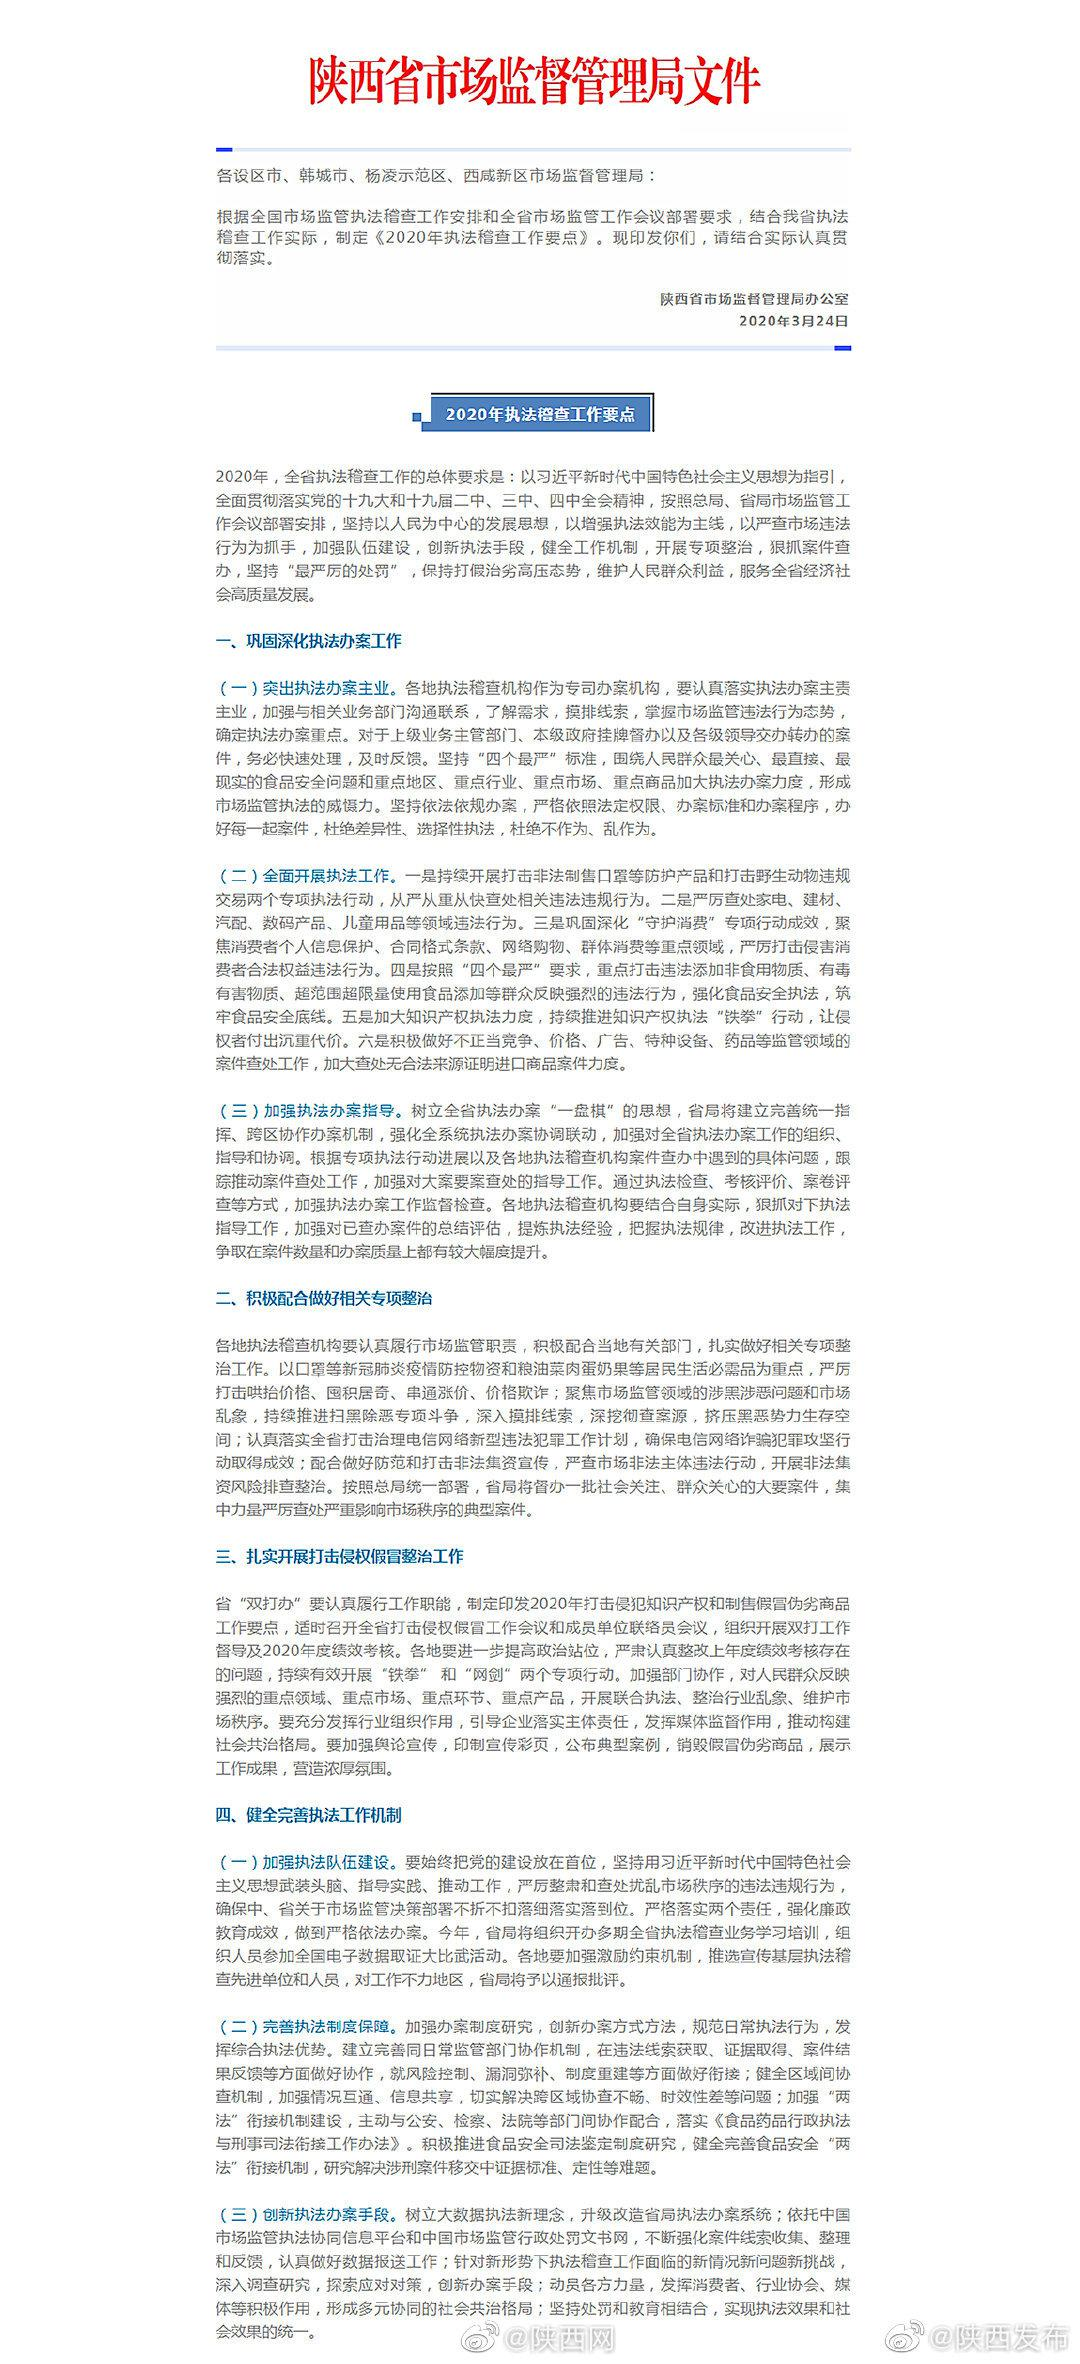 陕西省市场监督管理局印发《2020年执法稽查工作要点》通知